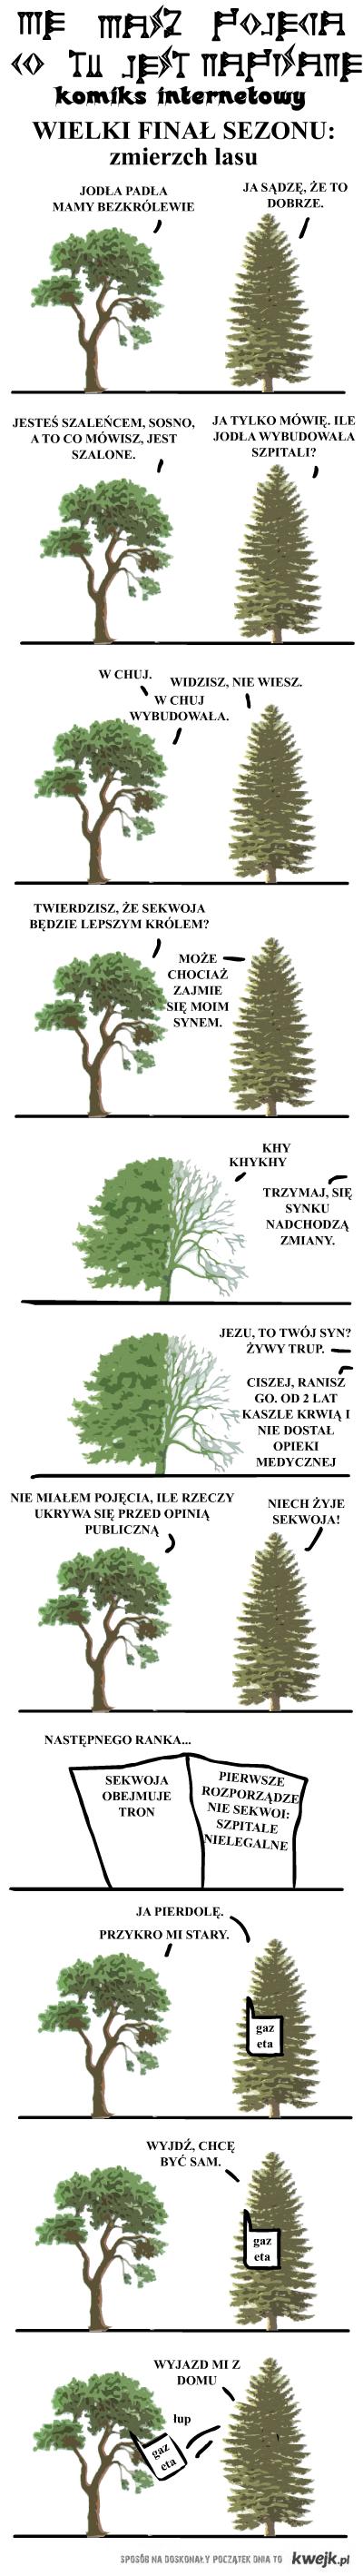 Zmierzch lasu